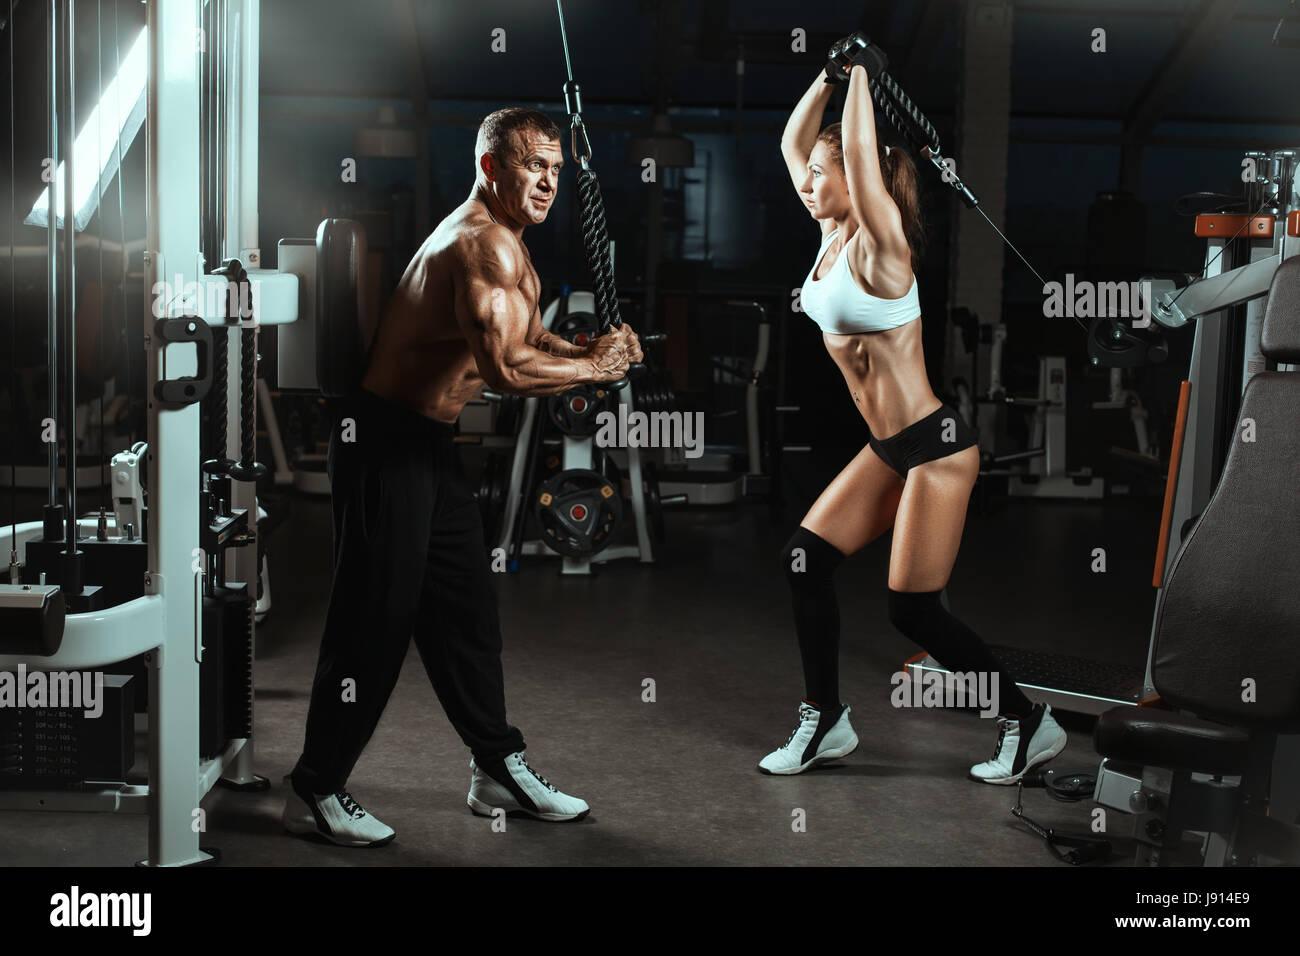 Homme et une femme muscles formés dans la salle de sport. Ils s'entraînent avec des machines pour Photo Stock